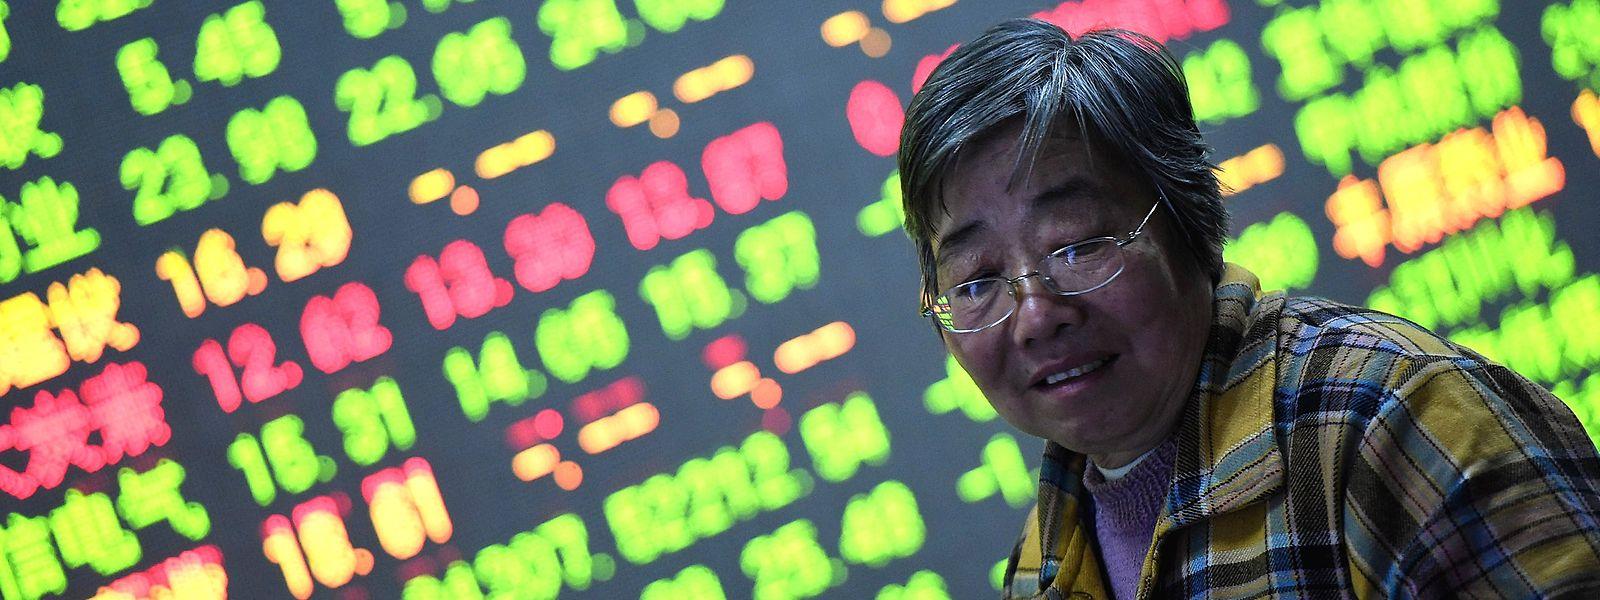 La chute des cours boursiers en Chine et sur la planète est particulièrement préoccupante pour l'activité financière au Grand-Duché.